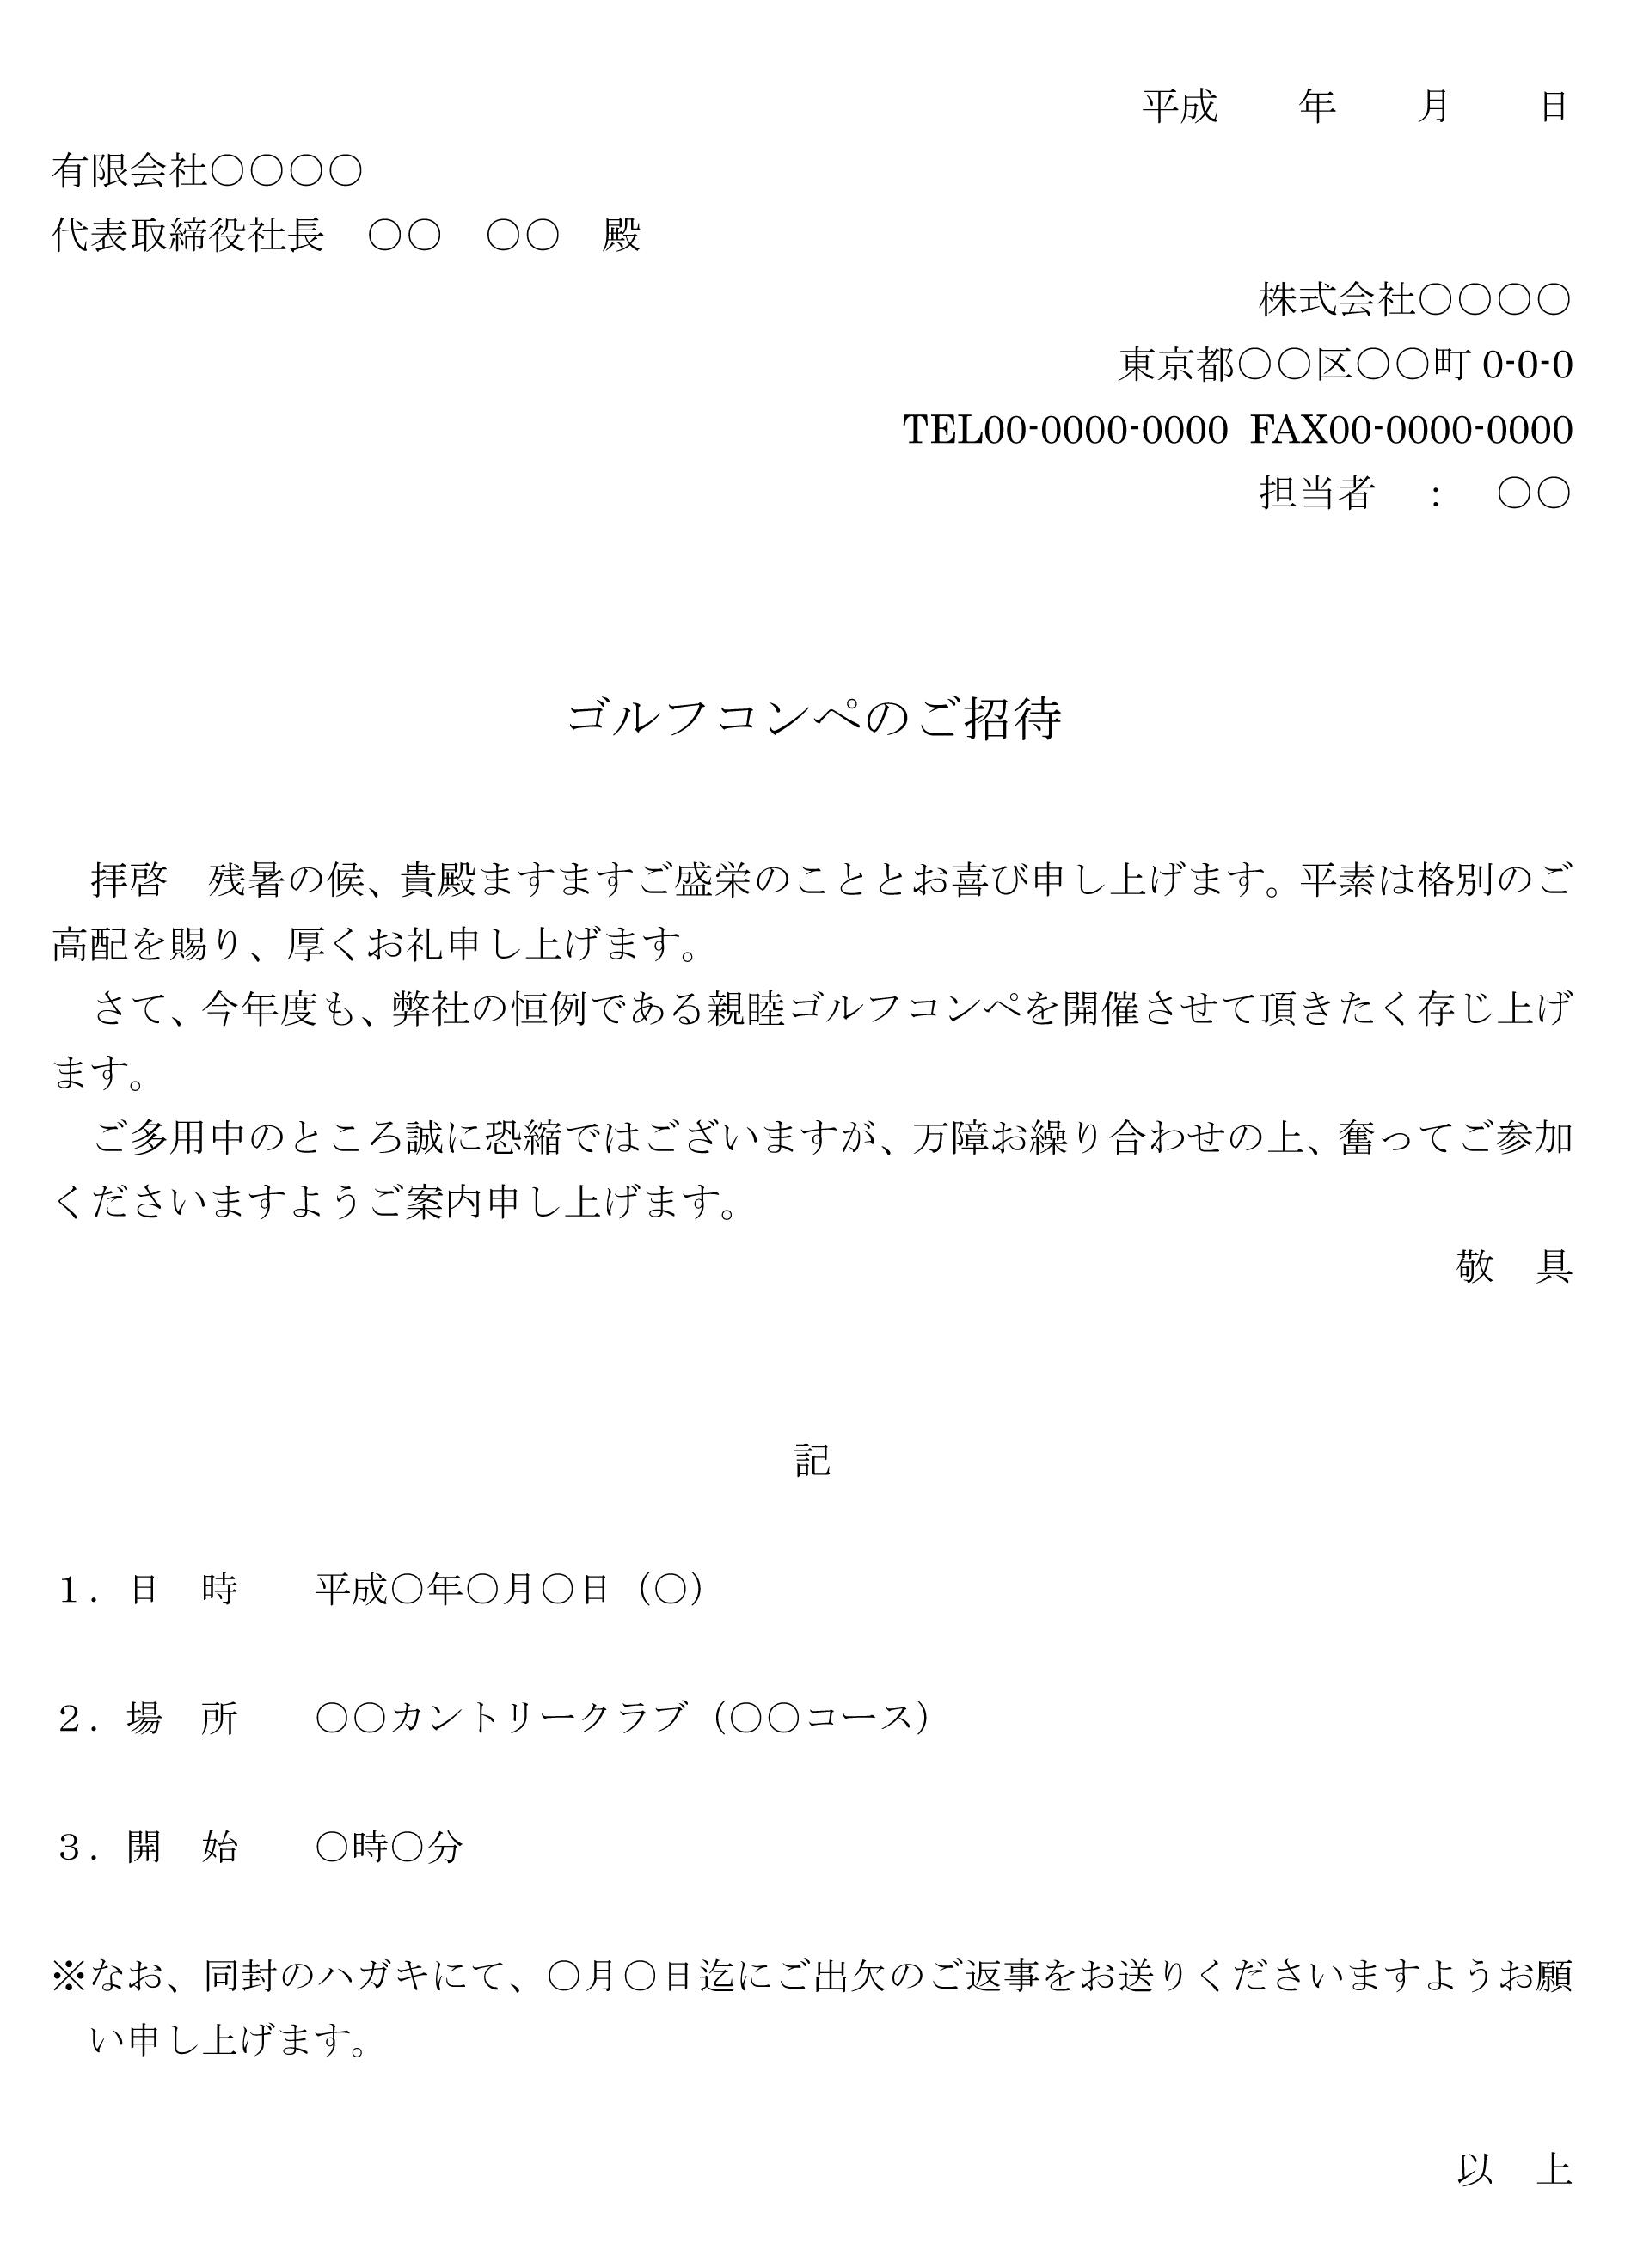 招待状(ゴルフコンペ)